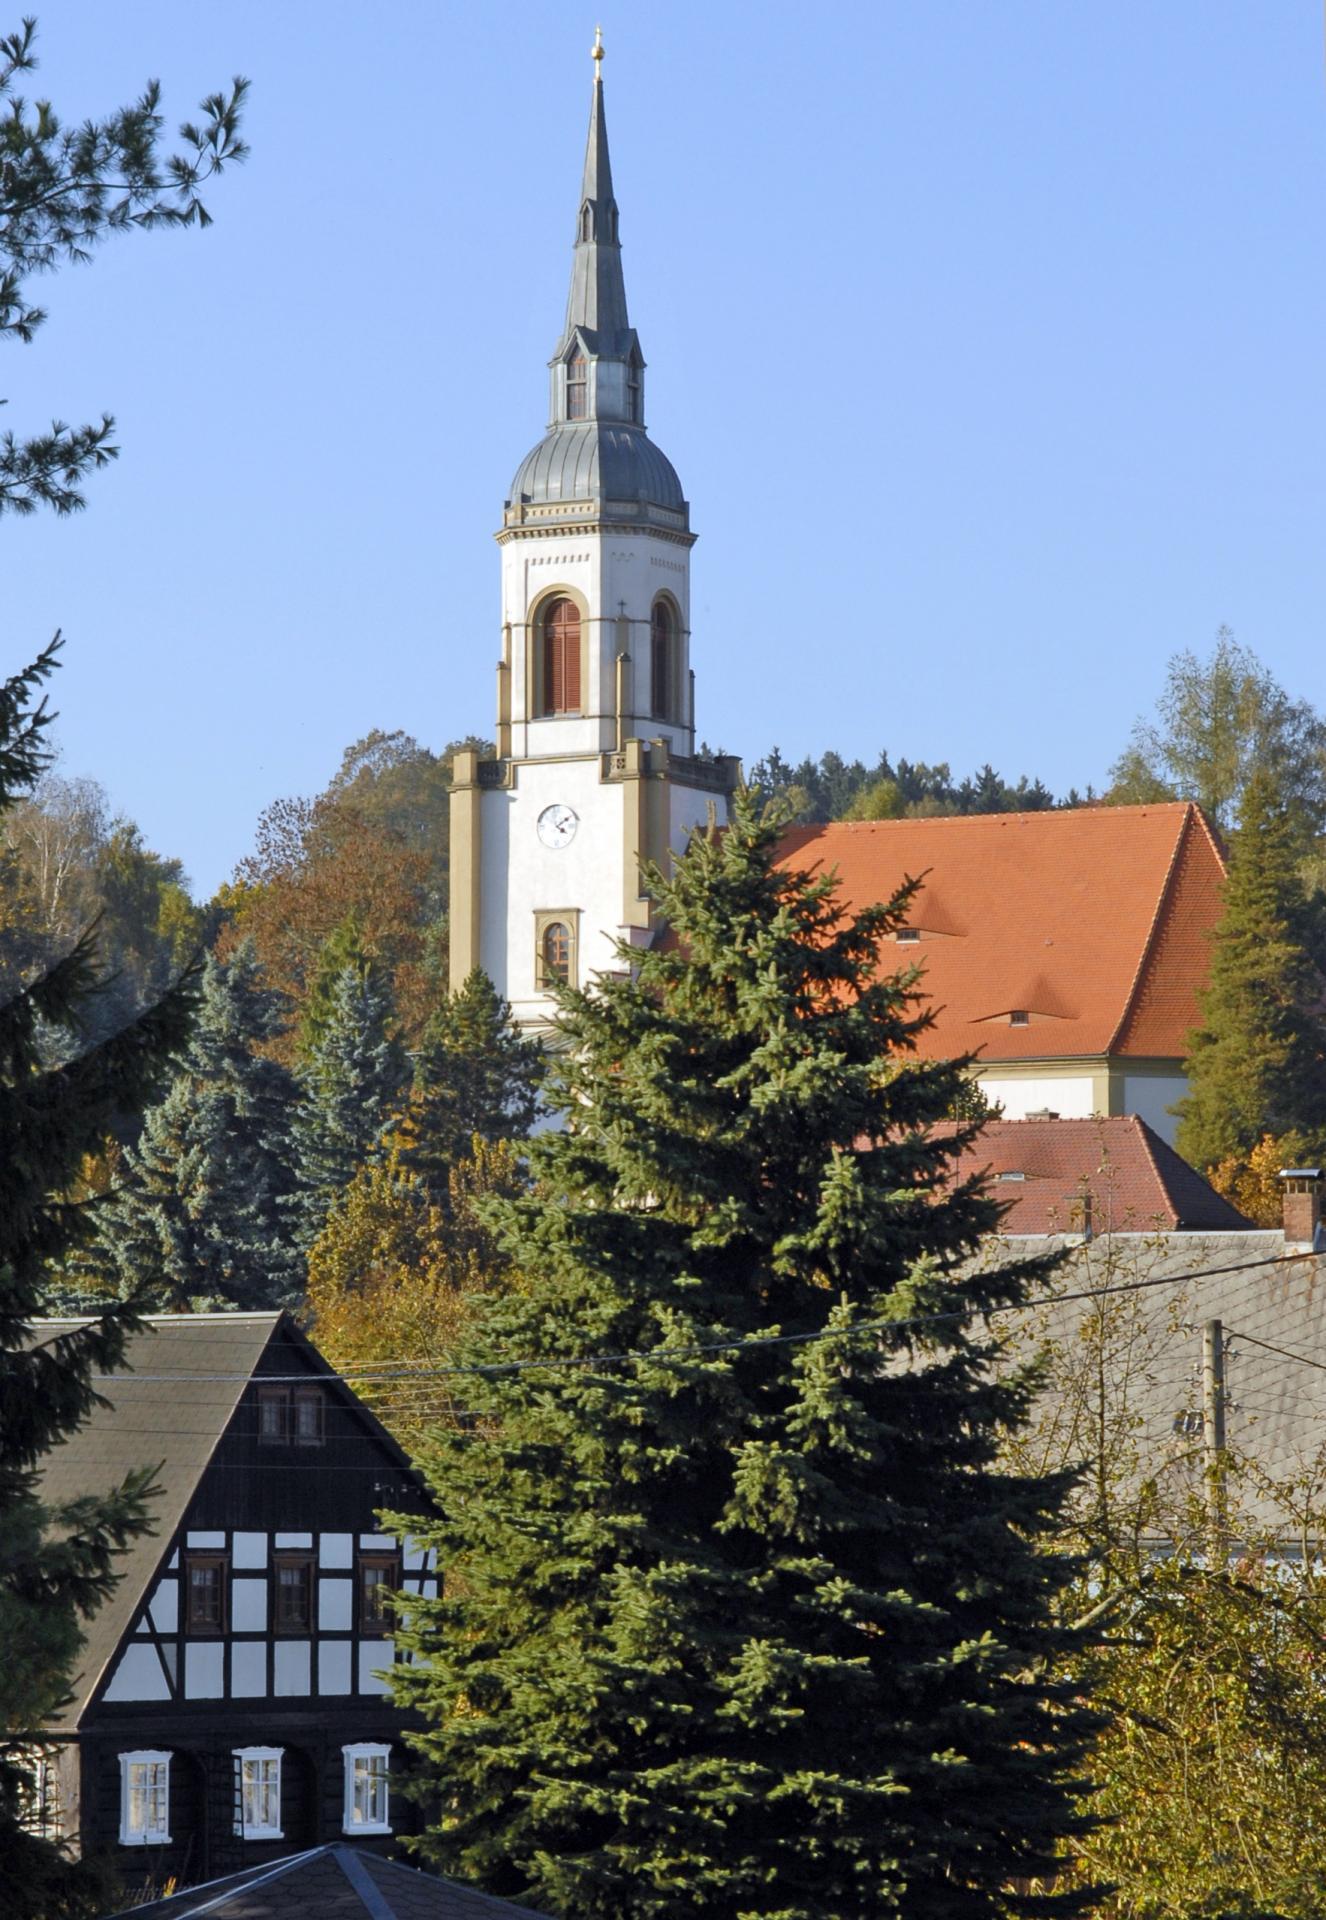 Evangelisch-Lutherische Kirche Wehrsdorf Sankt Trintatis